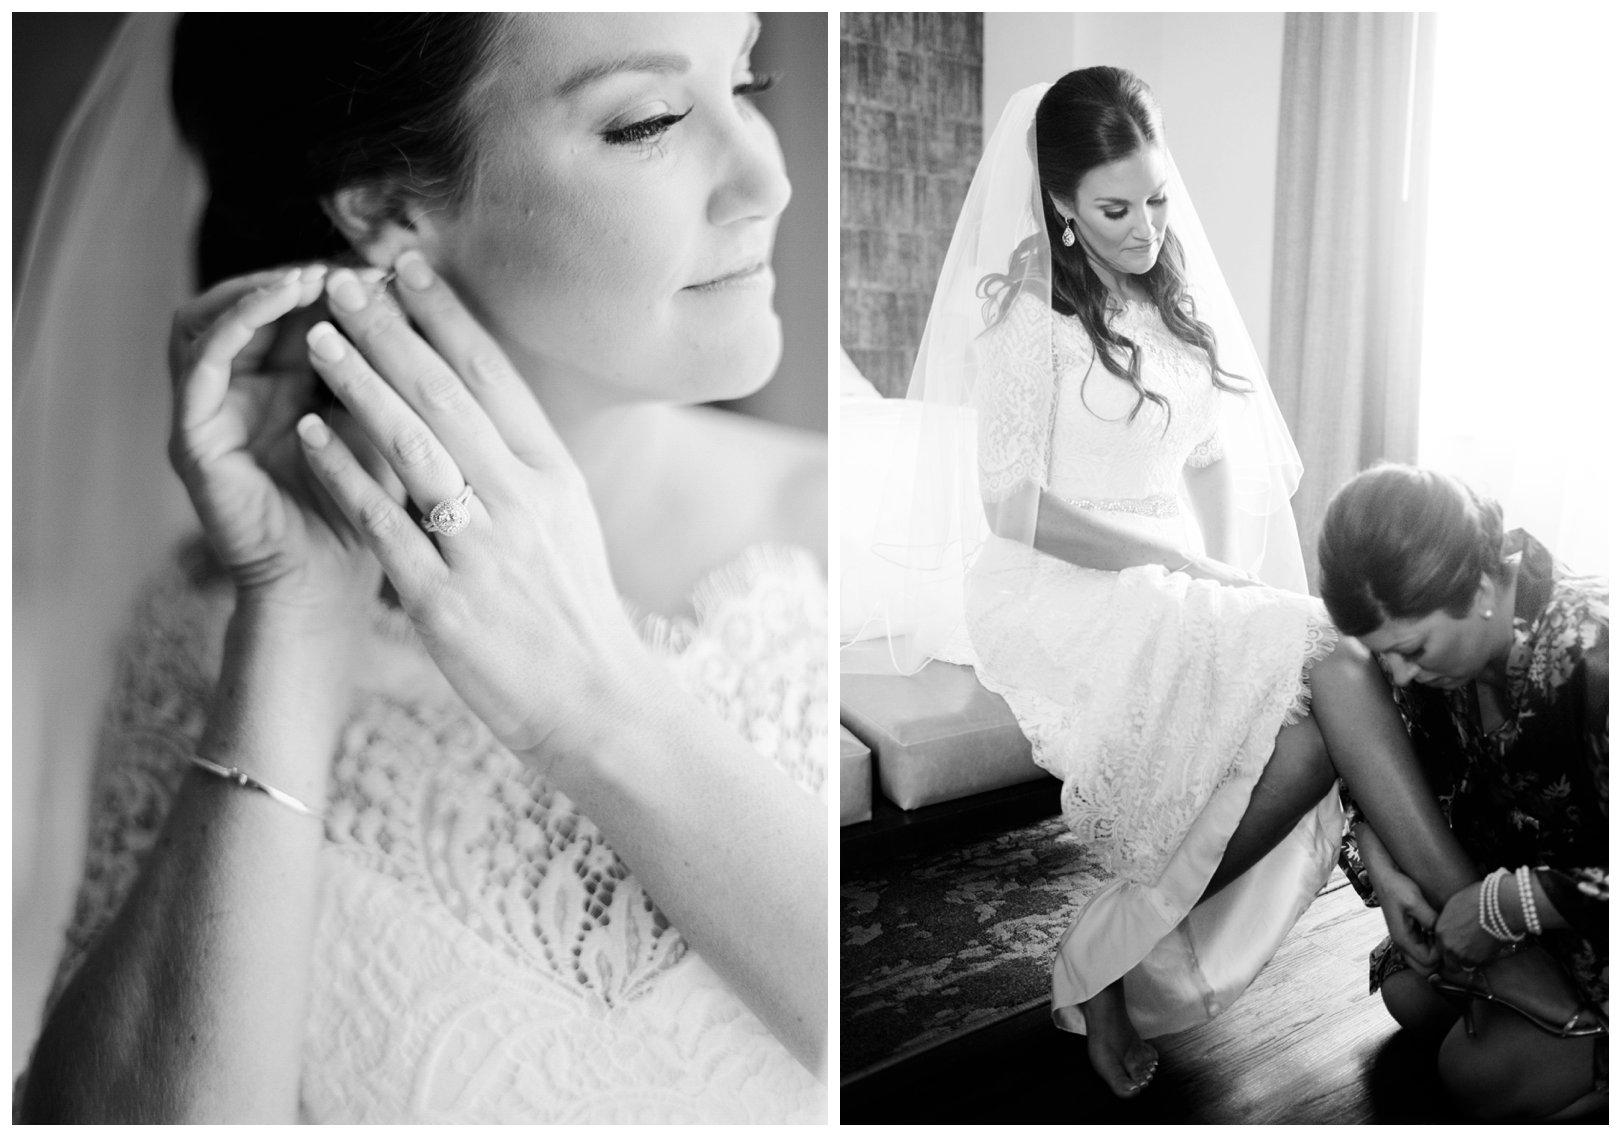 lauren muckler photography_fine art film wedding photography_st louis_photography_1241.jpg